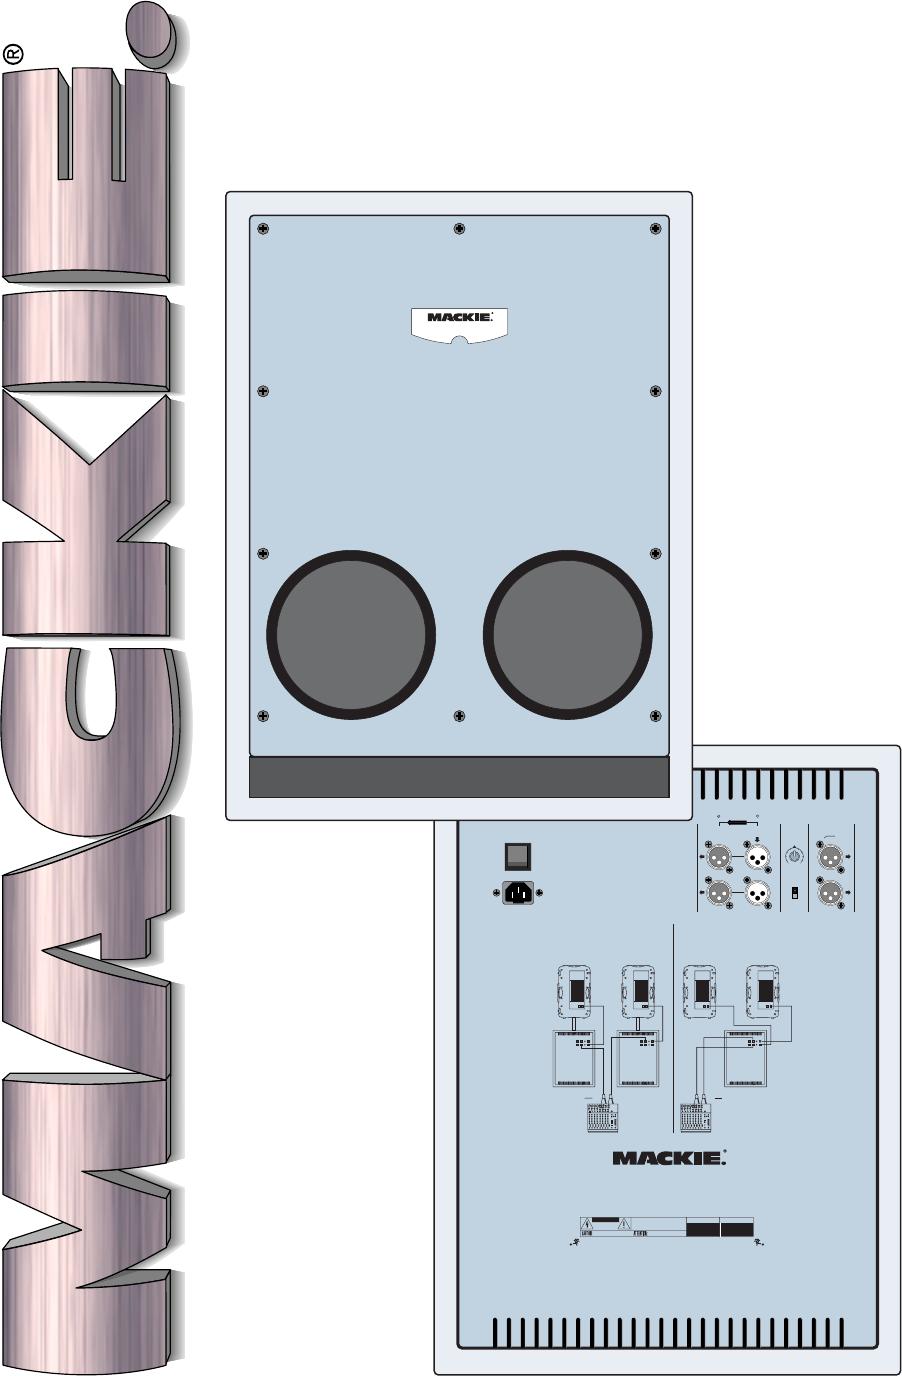 mackie speaker srs1500 user guide manualsonline com rh audio manualsonline com Mackie Powered Subs Mackie SRS1500 Active Subwoofer